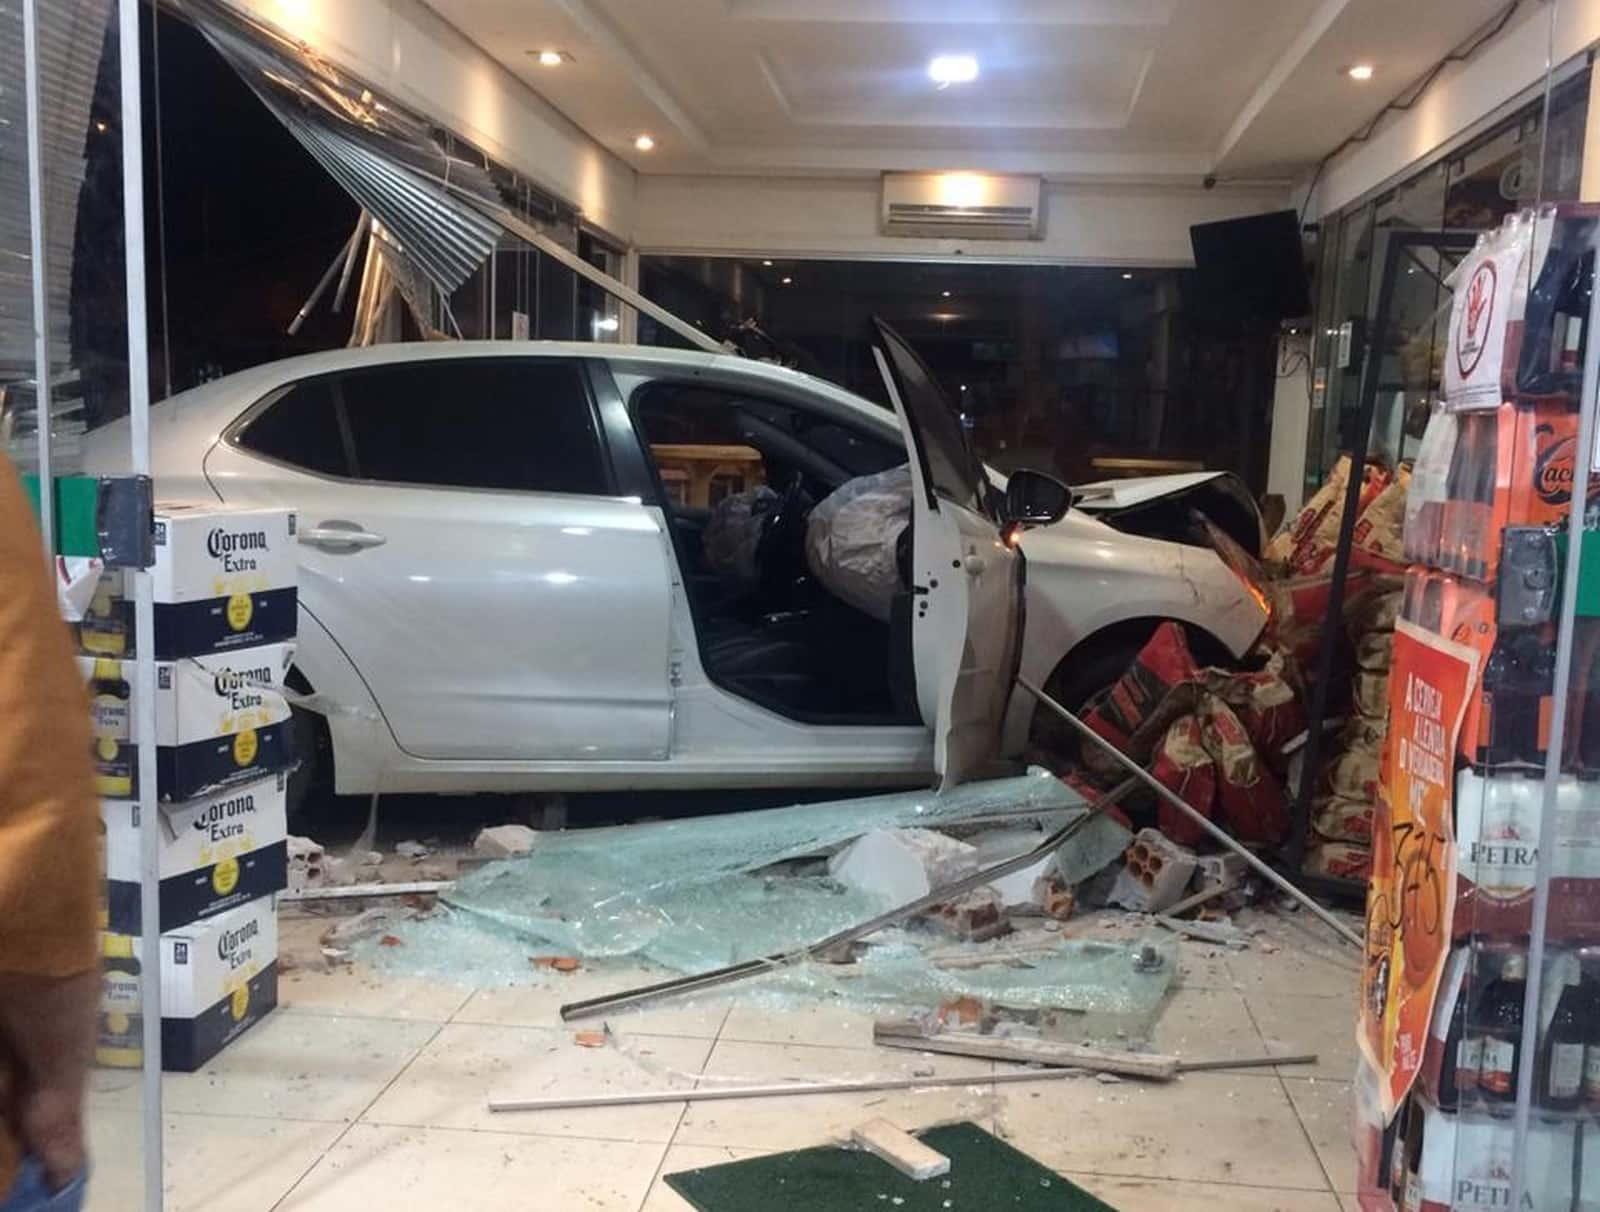 Veículo invadiu a loja de conveniência após motorista perder o controle em Assis — Foto: Arquivo pessoal